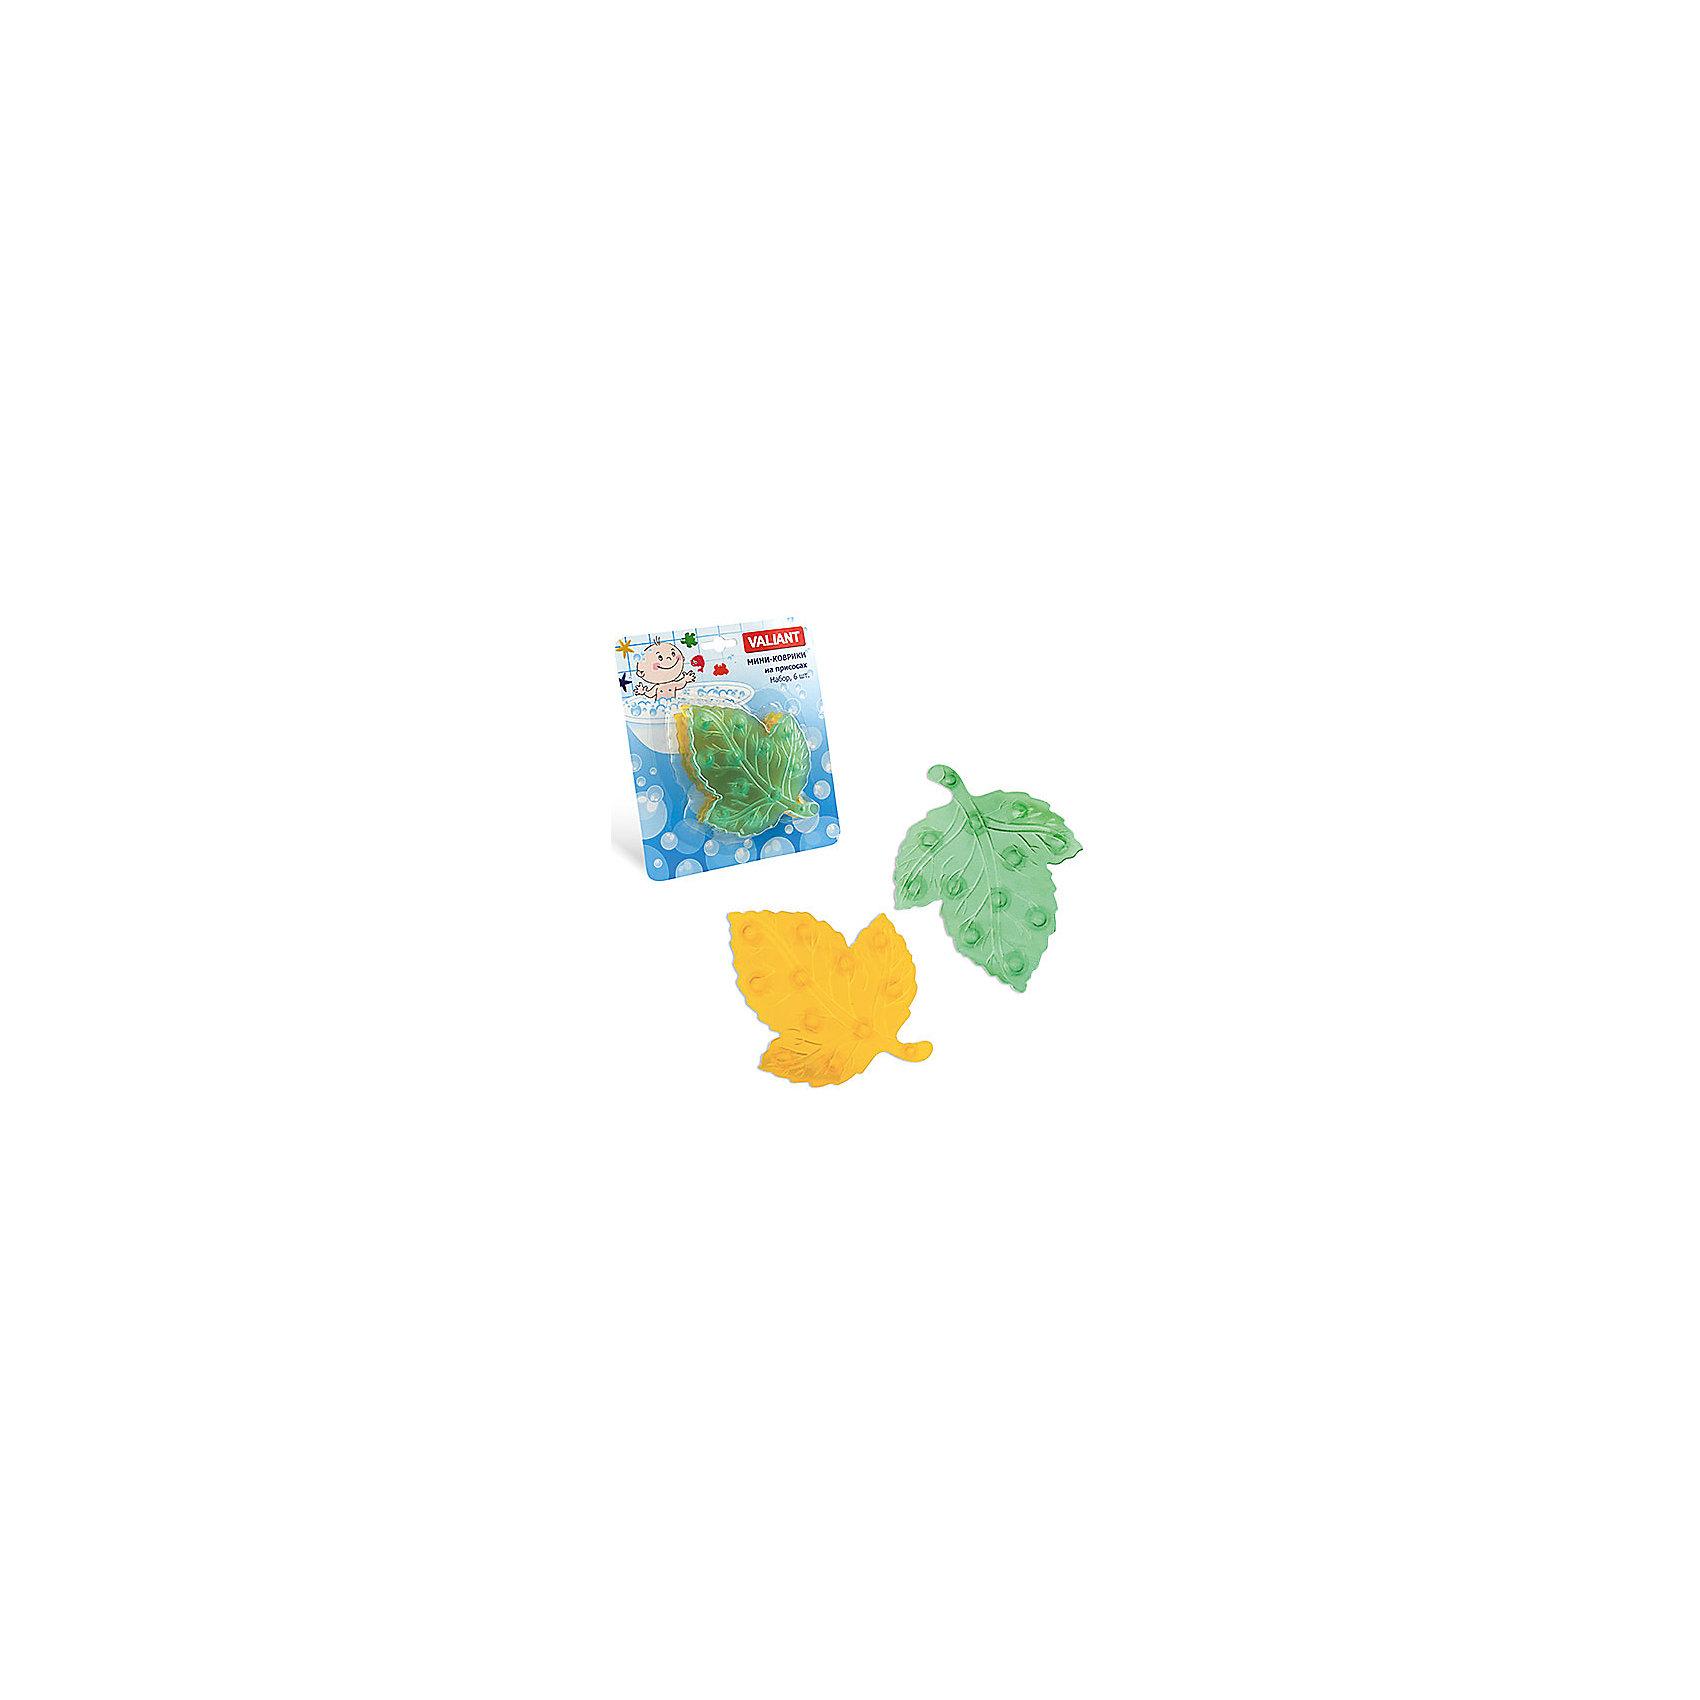 Мини-коврики для ванной Листики, 6 шт (желтый и зеленый)Ванная комната<br>Мини-коврики для ванной комнаты - это яркое дополнение к купанию малыша. Это и игра и развитие моторики и изучение зверушек. <br>Колоссальный и постоянно растущий спрос на них обусловлен реакцией малышей и их мам на данное изобретение по всему миру.<br>Мини-коврики снабжены присосками и превосходно клеятся на влажный кафель.<br><br>Ширина мм: 110<br>Глубина мм: 140<br>Высота мм: 50<br>Вес г: 116<br>Возраст от месяцев: -2147483648<br>Возраст до месяцев: 2147483647<br>Пол: Унисекс<br>Возраст: Детский<br>SKU: 4563308